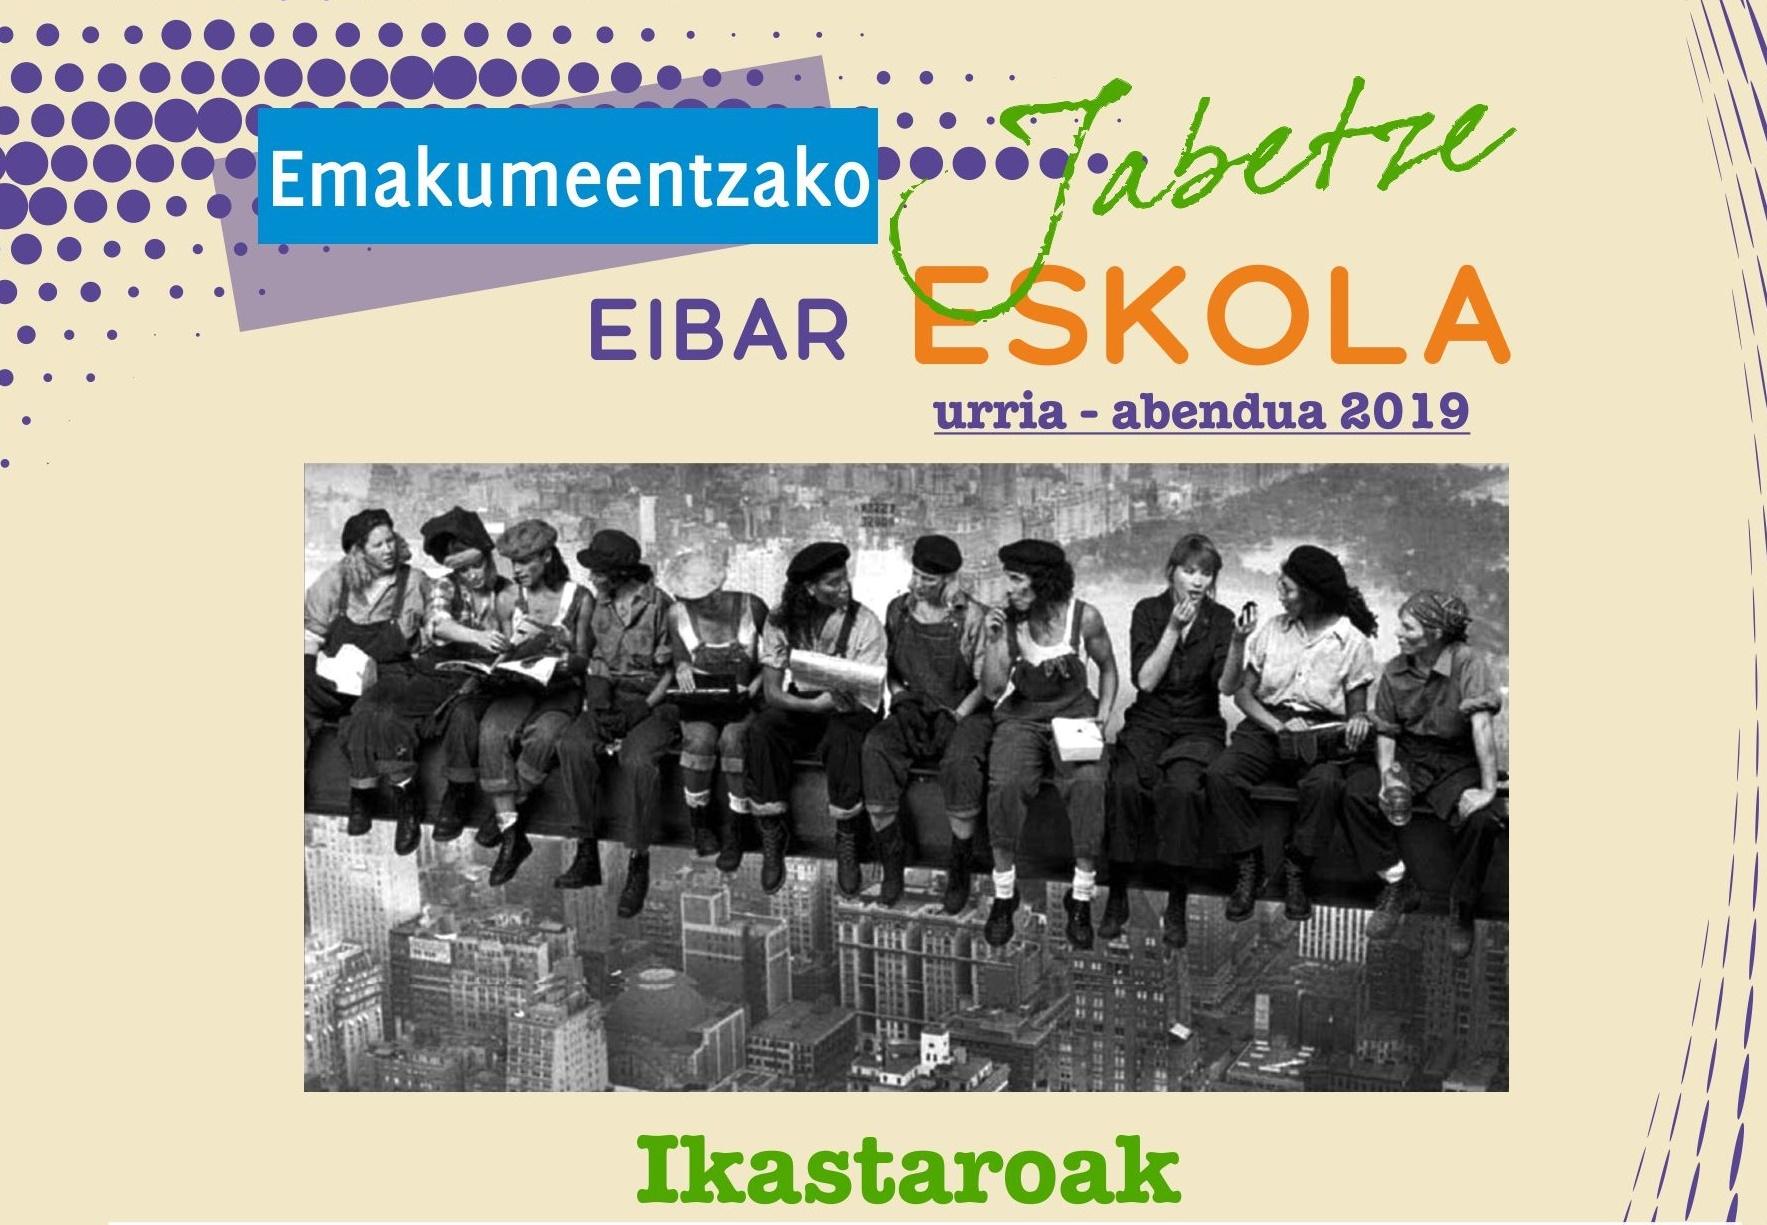 Udazkeneko Jabetze Eskolako ikastaroetan izen-emateko epea zabalik irailaren 20ra arte